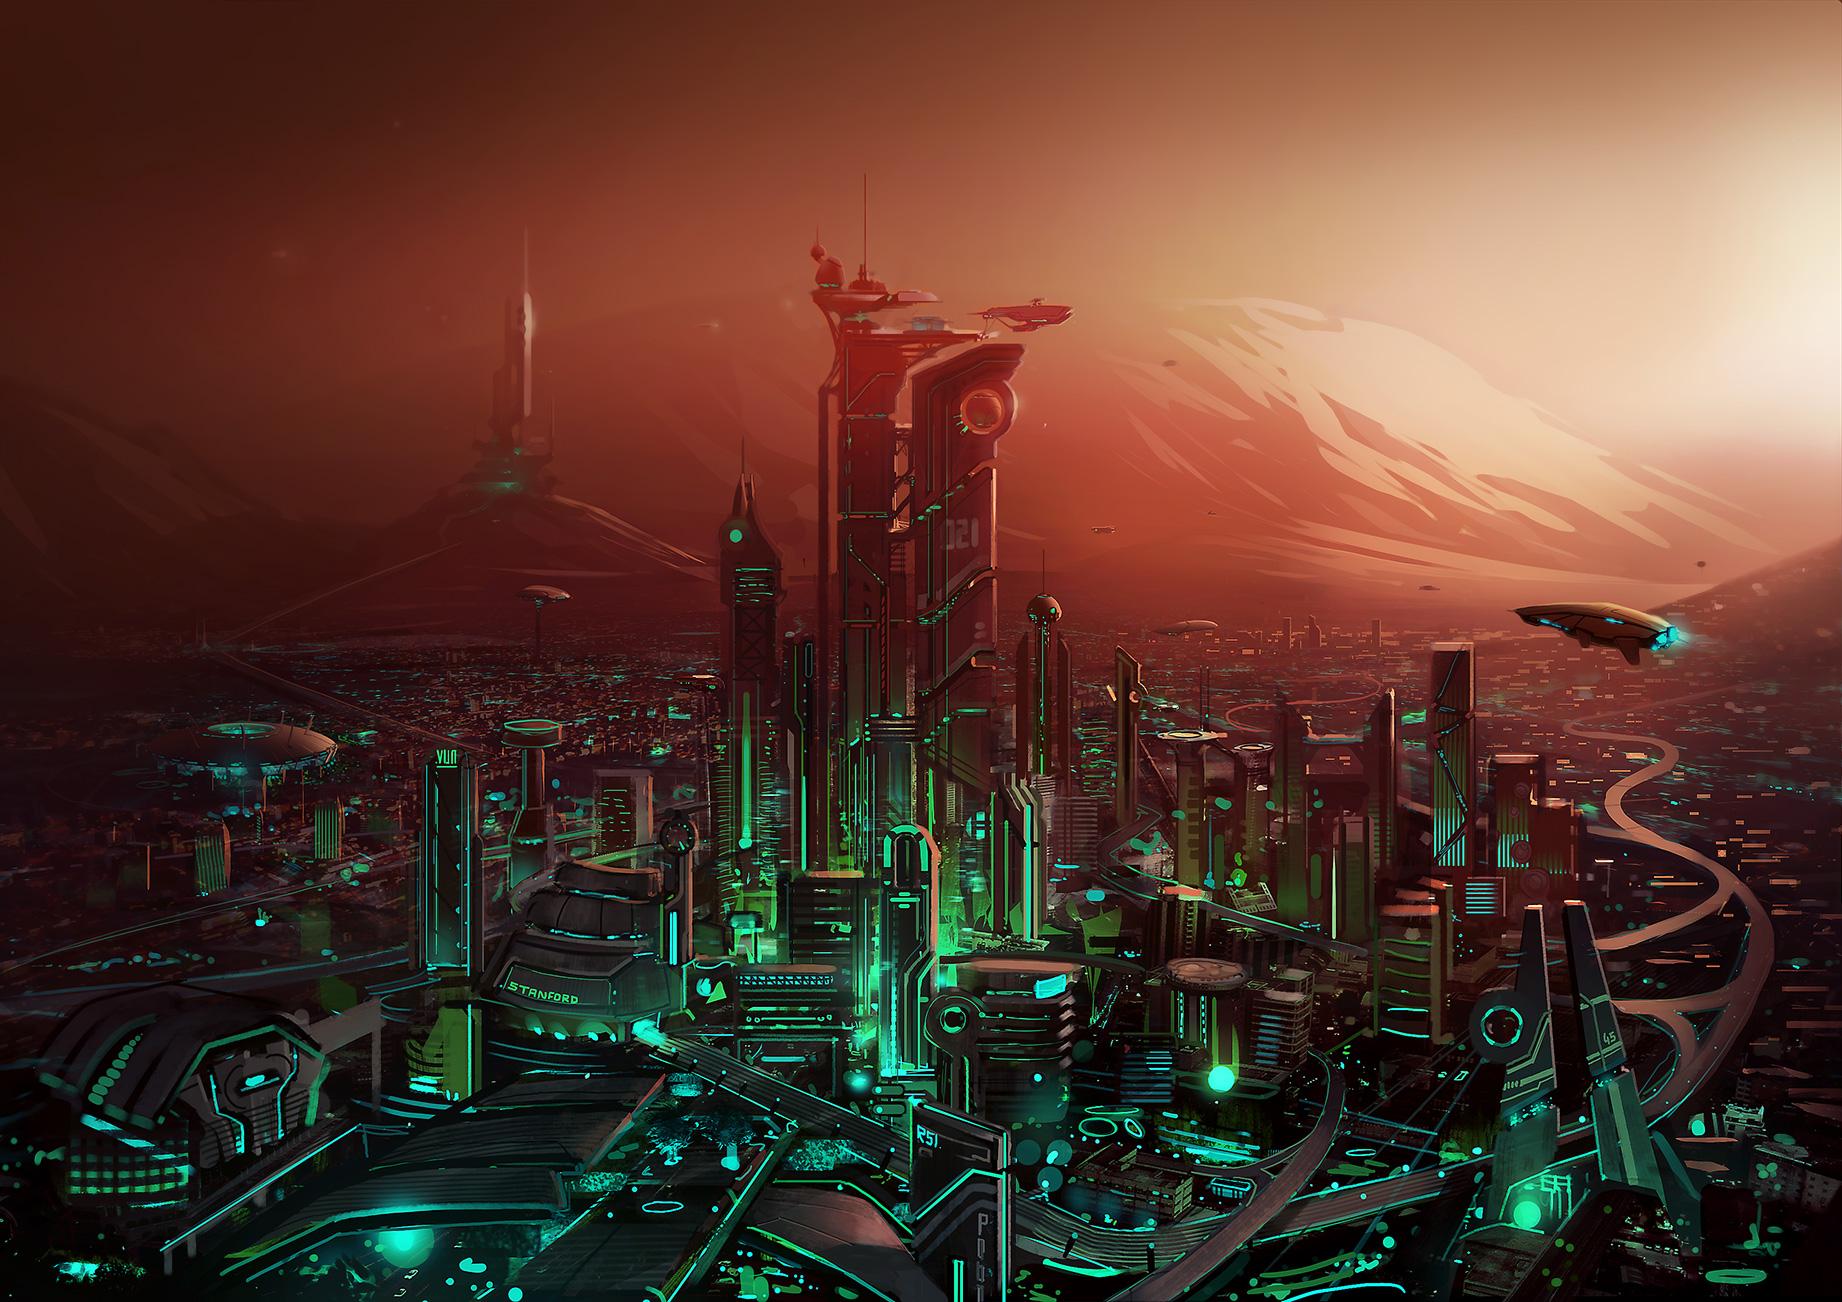 Le futur de l'Humanité passera par Mars d'après Elon Musk ...